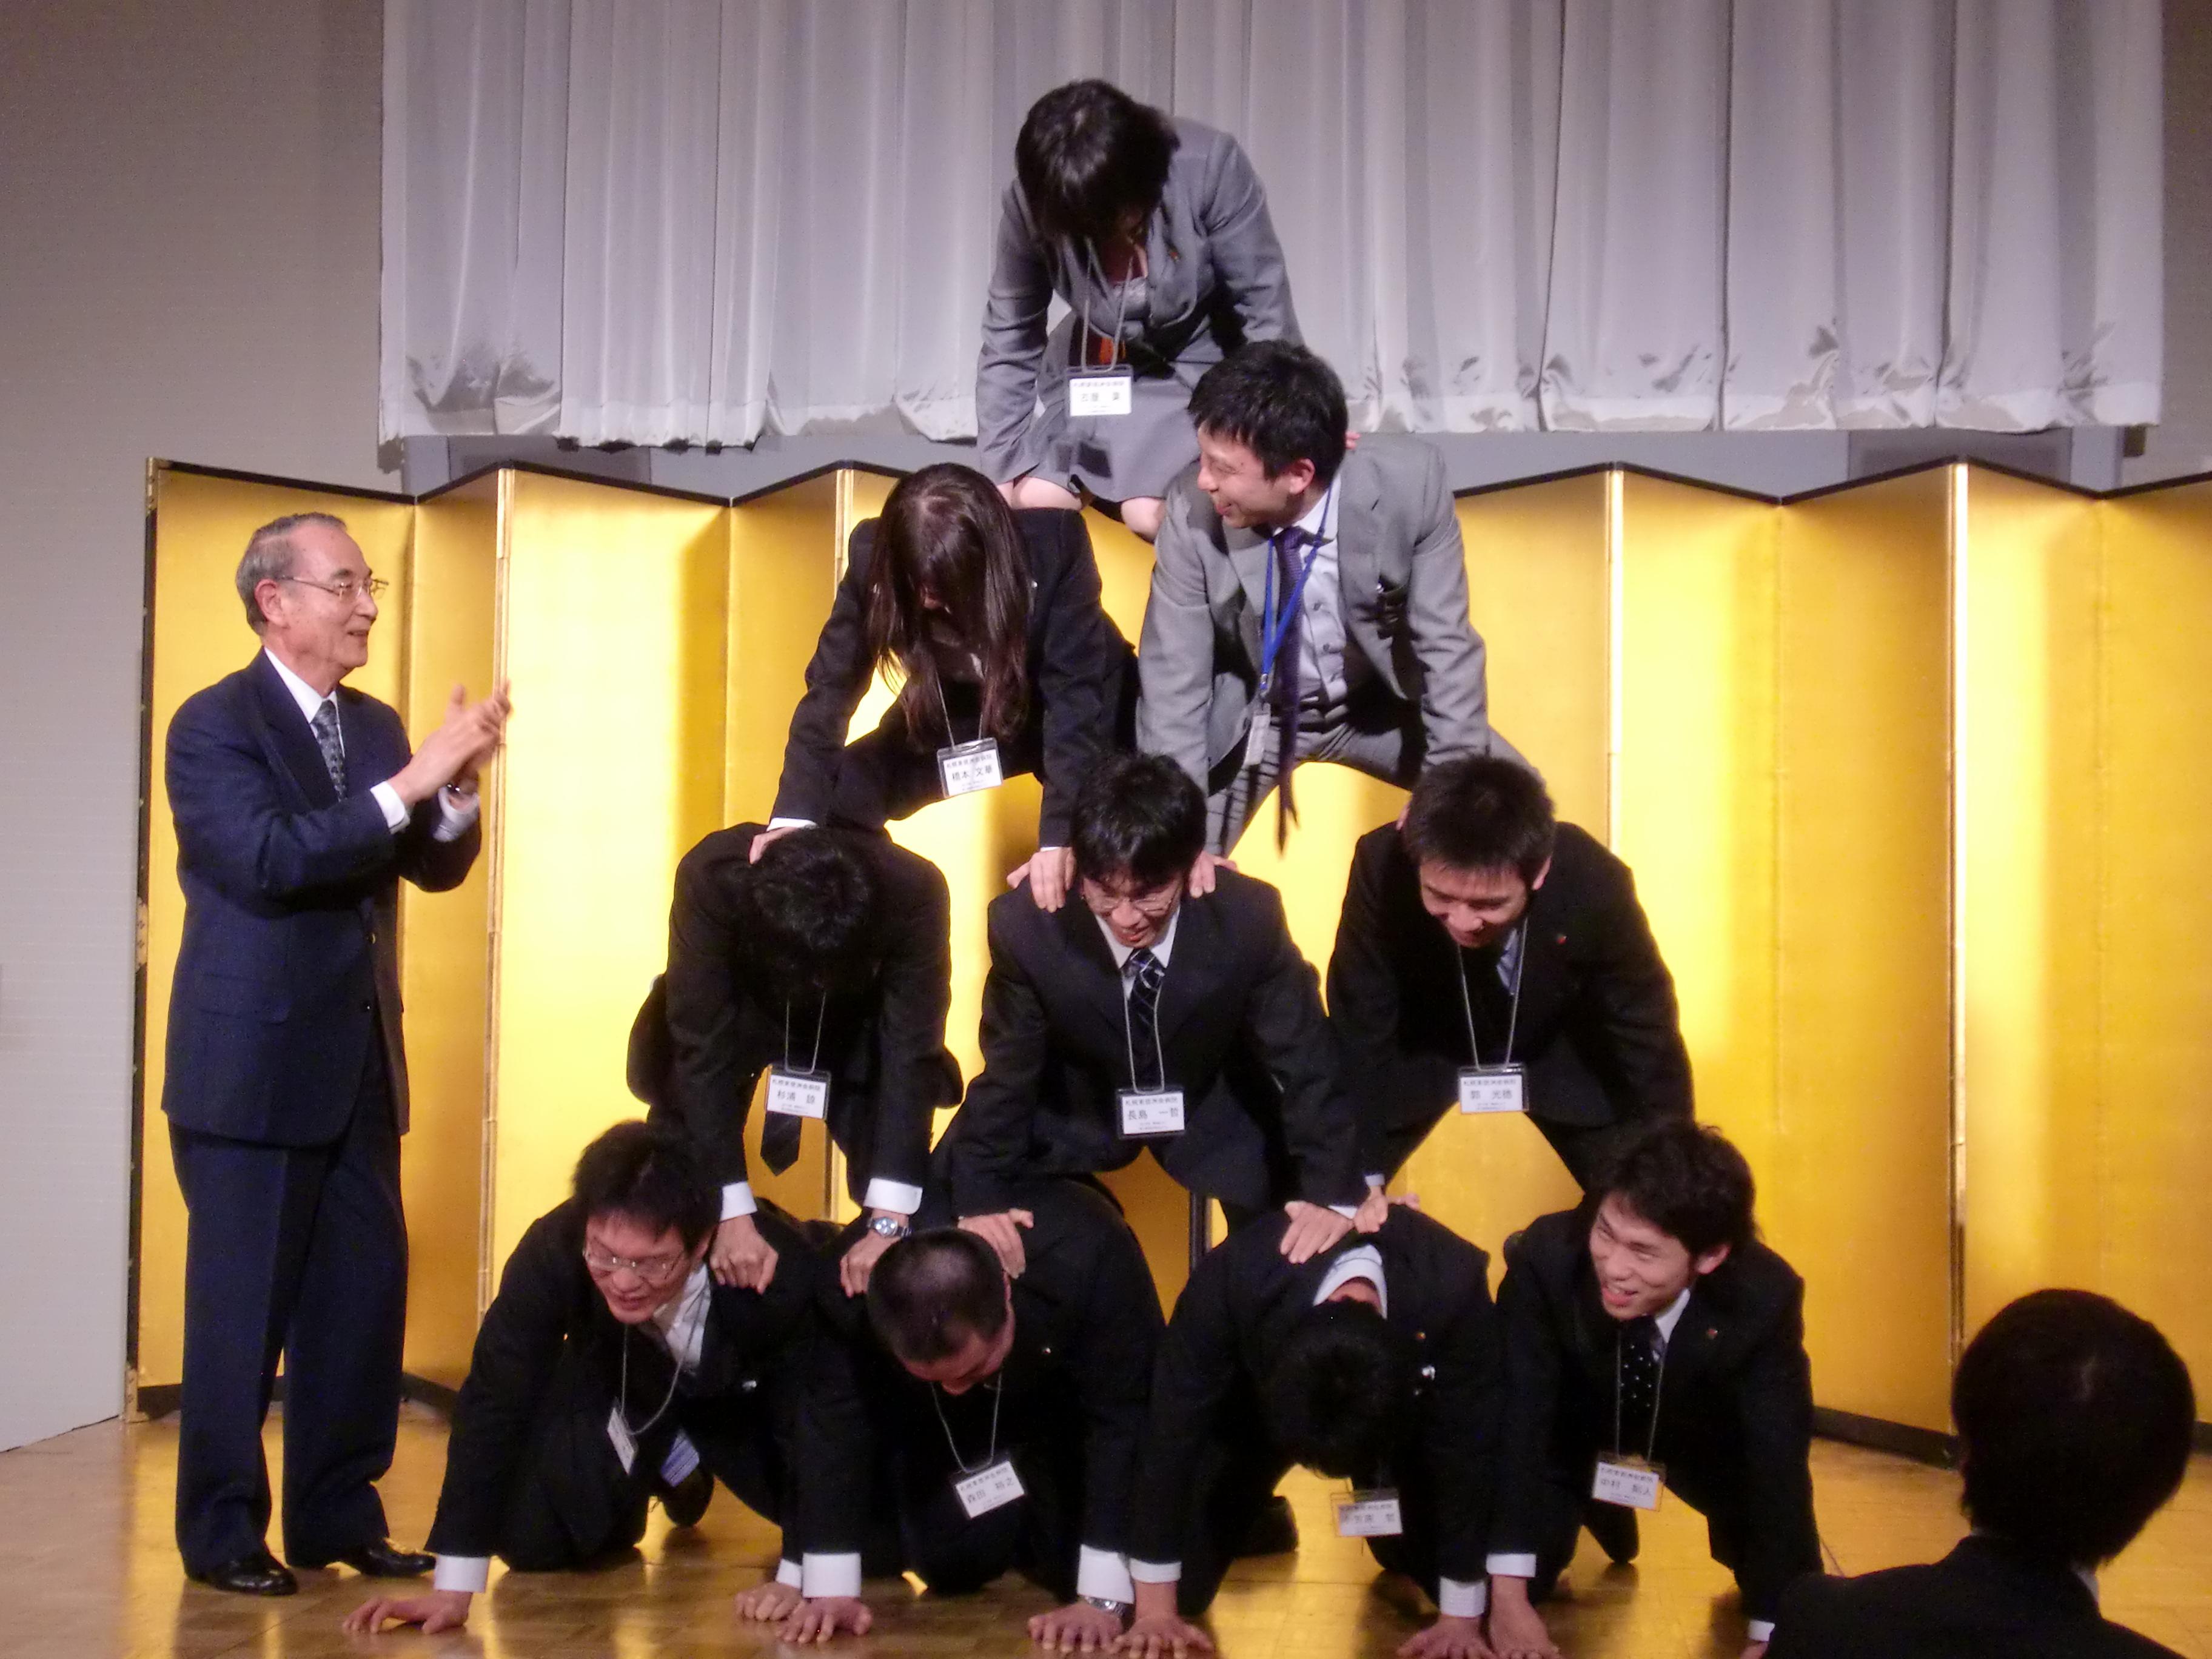 http://blog.higashi-tokushukai.or.jp/ydblog/CIMG0779%20%282%29.JPG